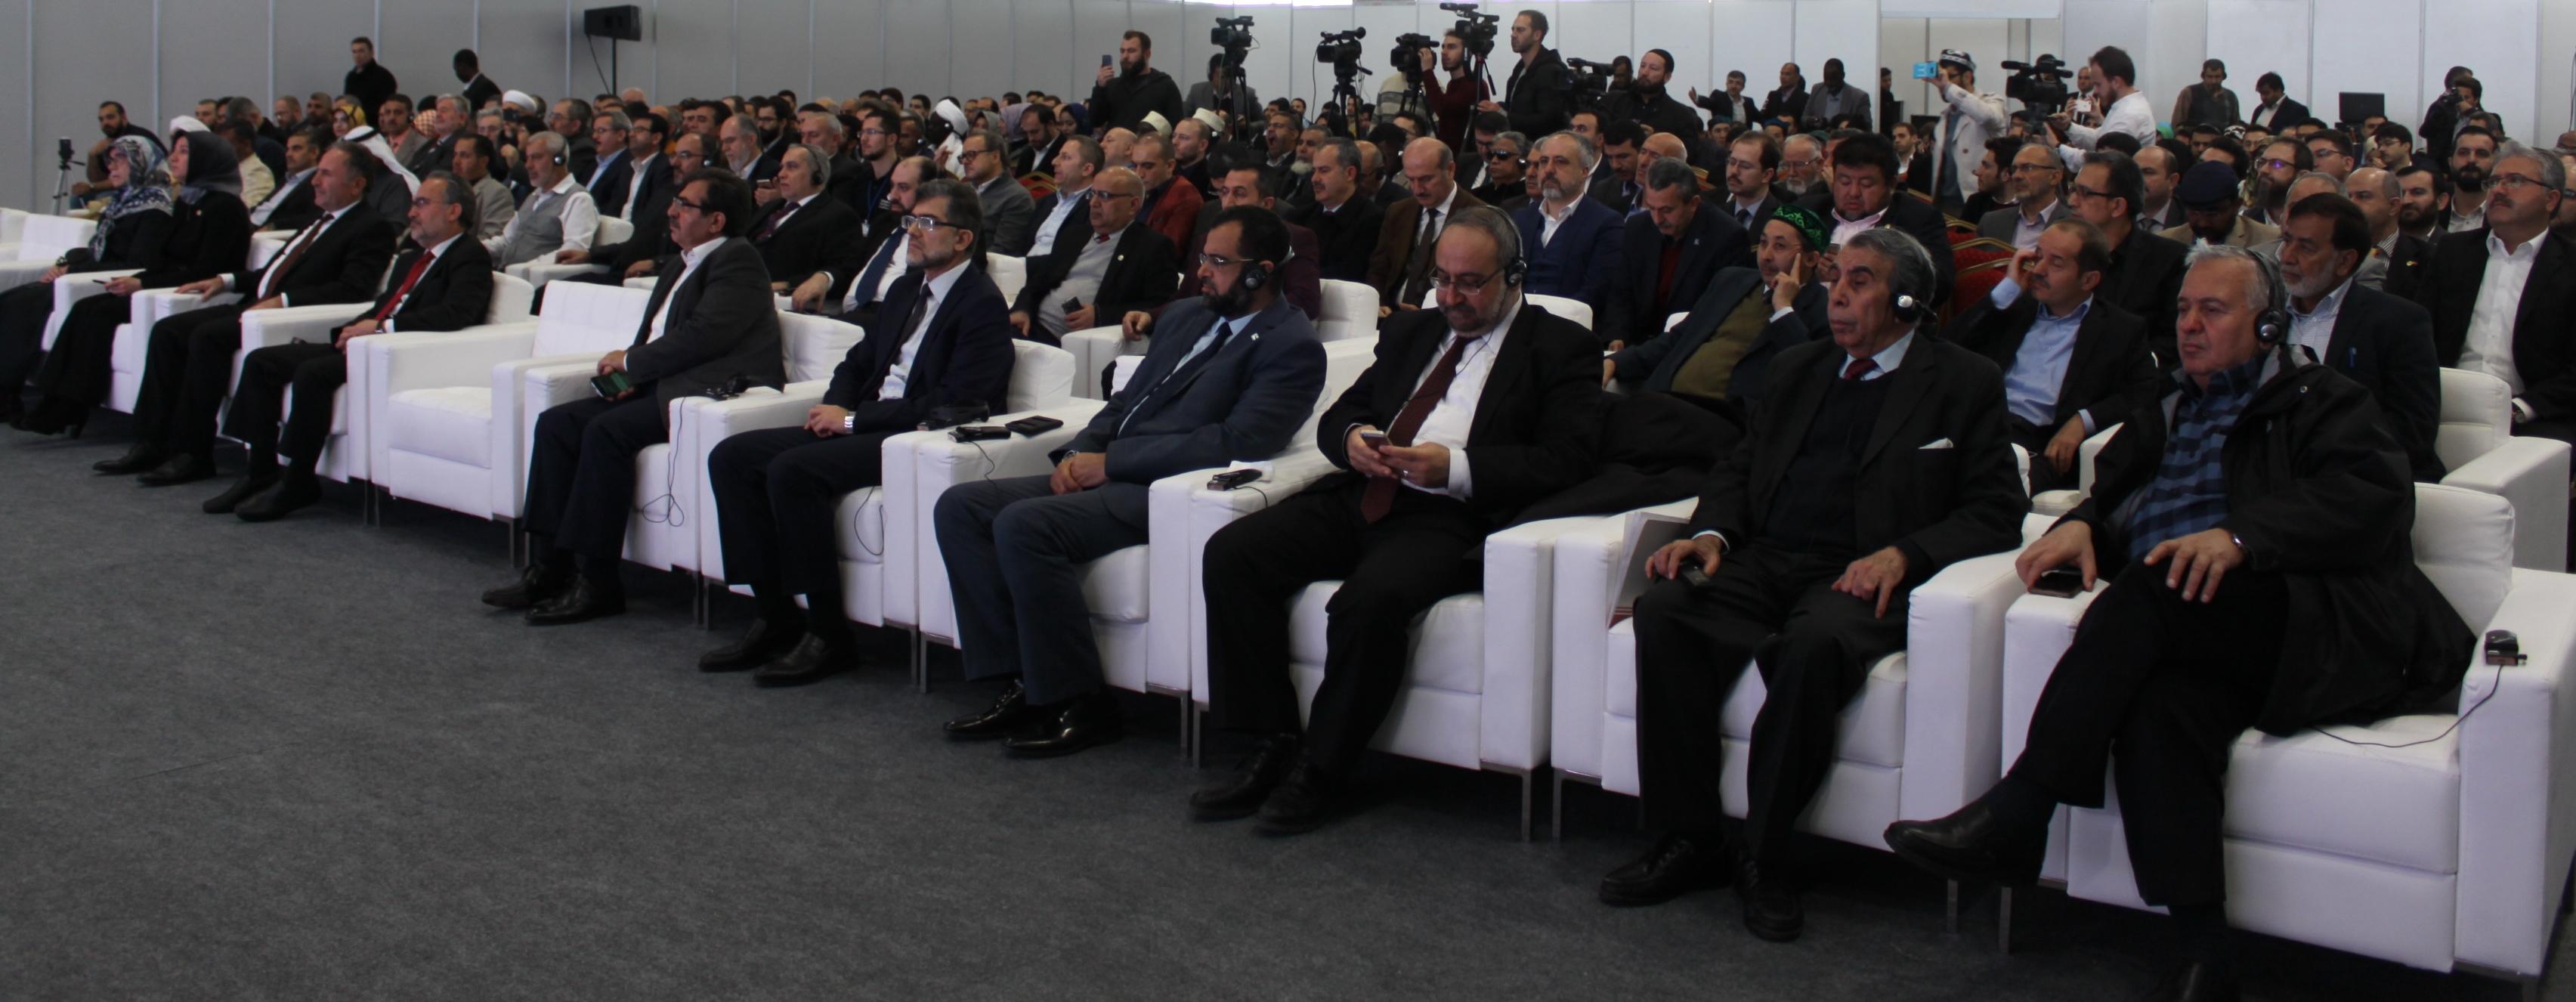 IMG_2414 2.Uluslararası STK Fuarında Doğu Türkistan güncel durumu dile getirildi